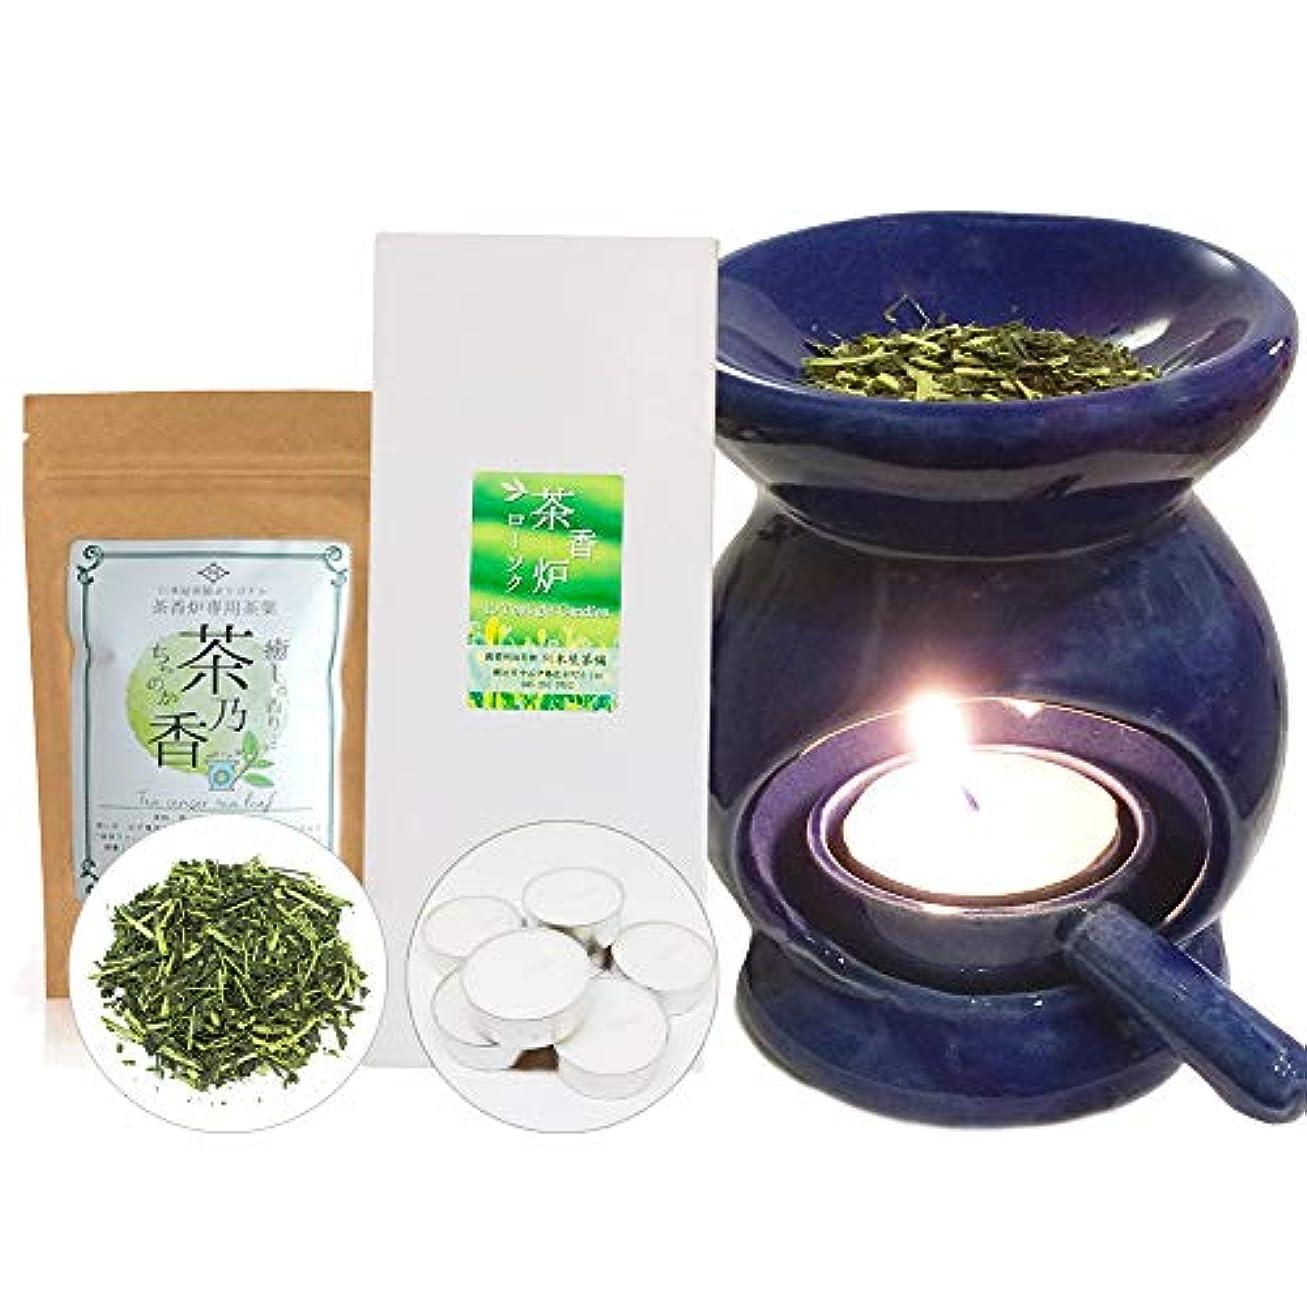 開示するマディソンエントリ川本屋茶舗 はじめての茶香炉セット (茶香炉専用茶葉?ローソク付) 届いてすぐ始められる?